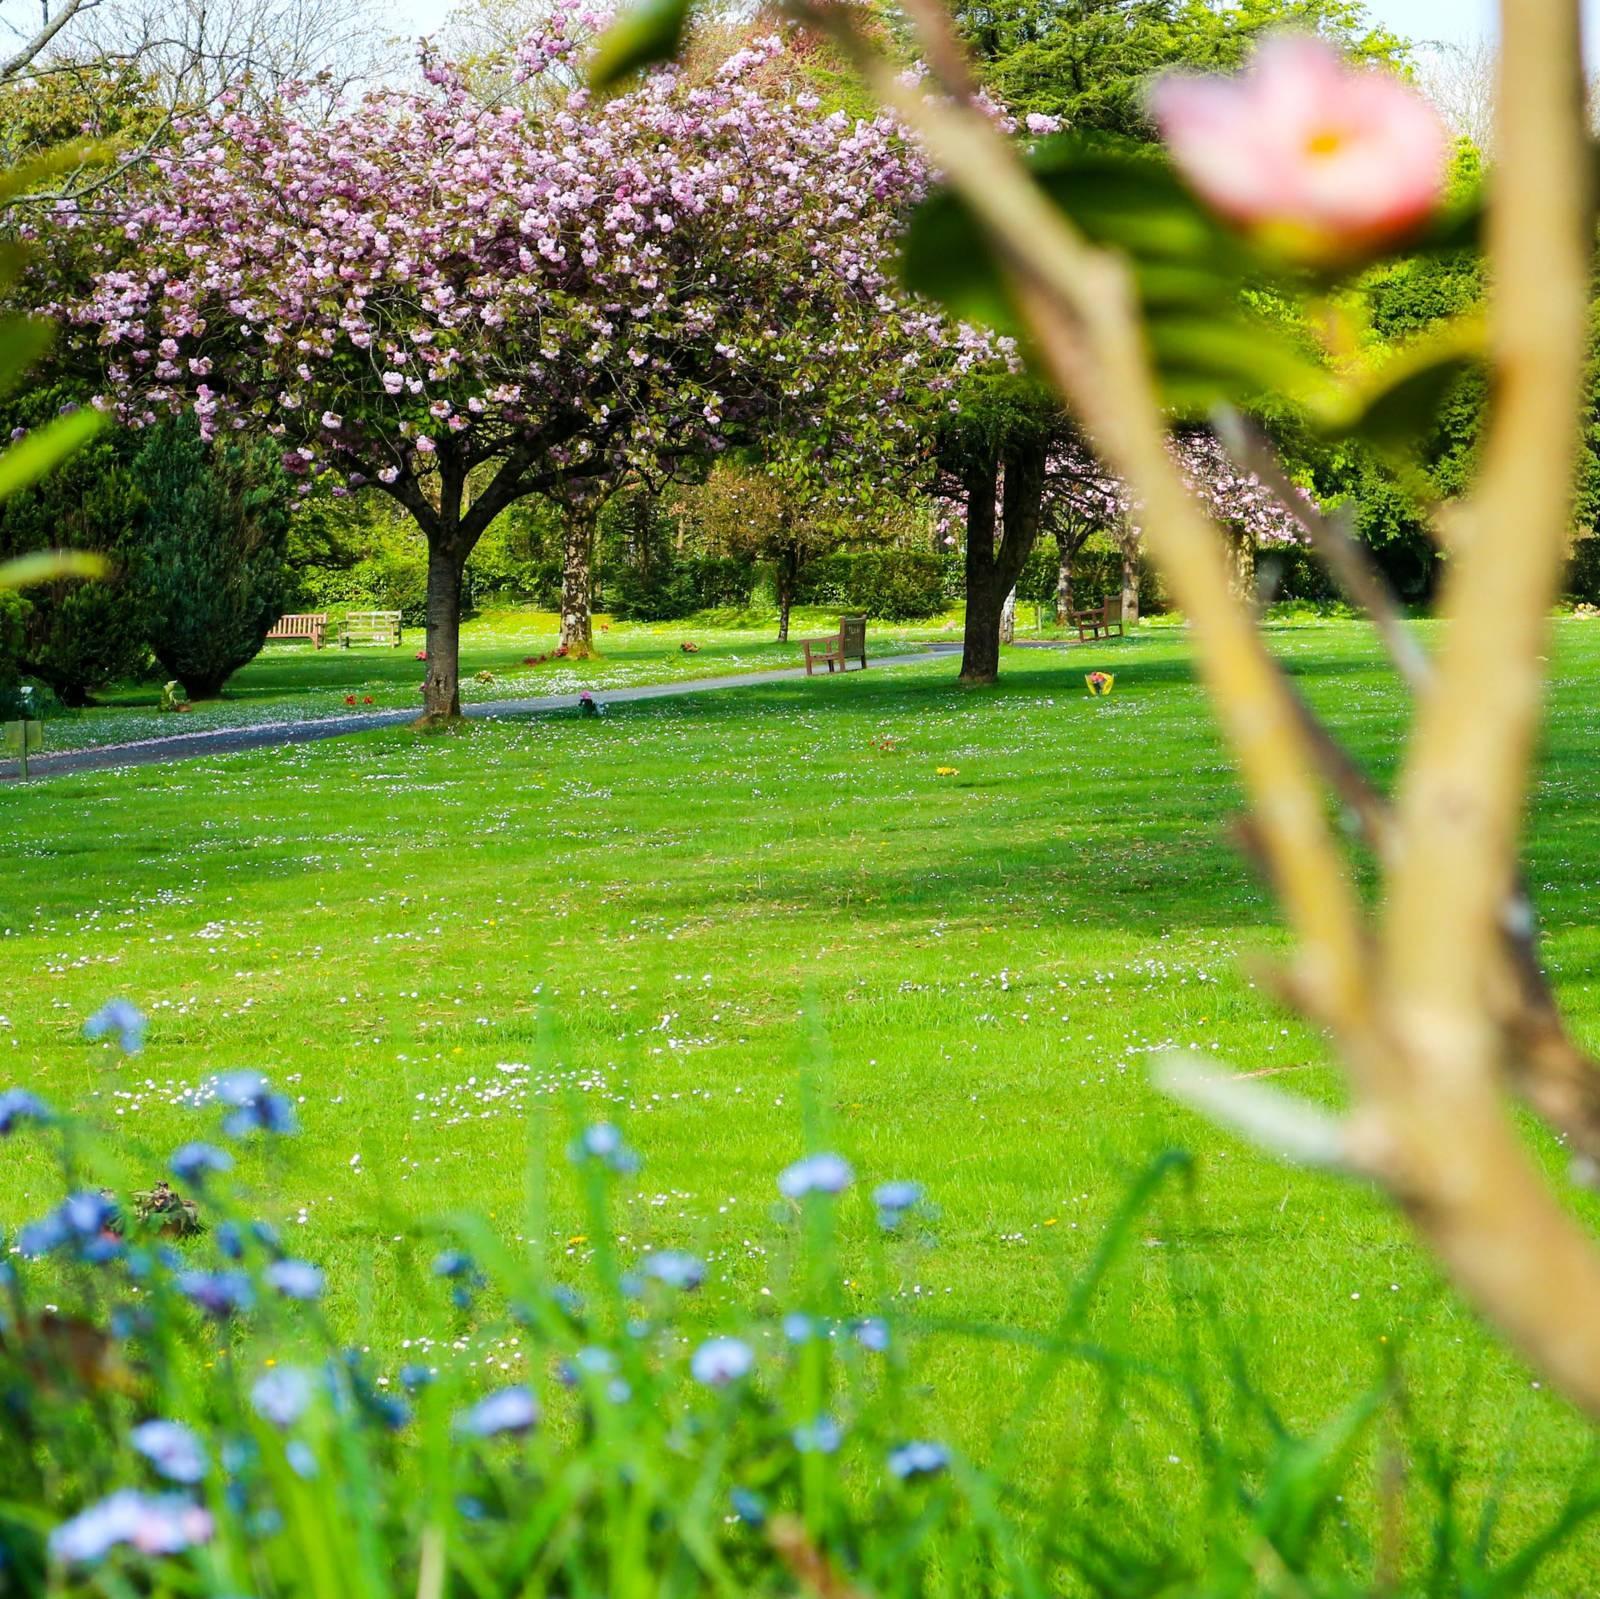 http://drakememorialpark.co.uk/upload/gallery_image/67162a270319114730.jpg